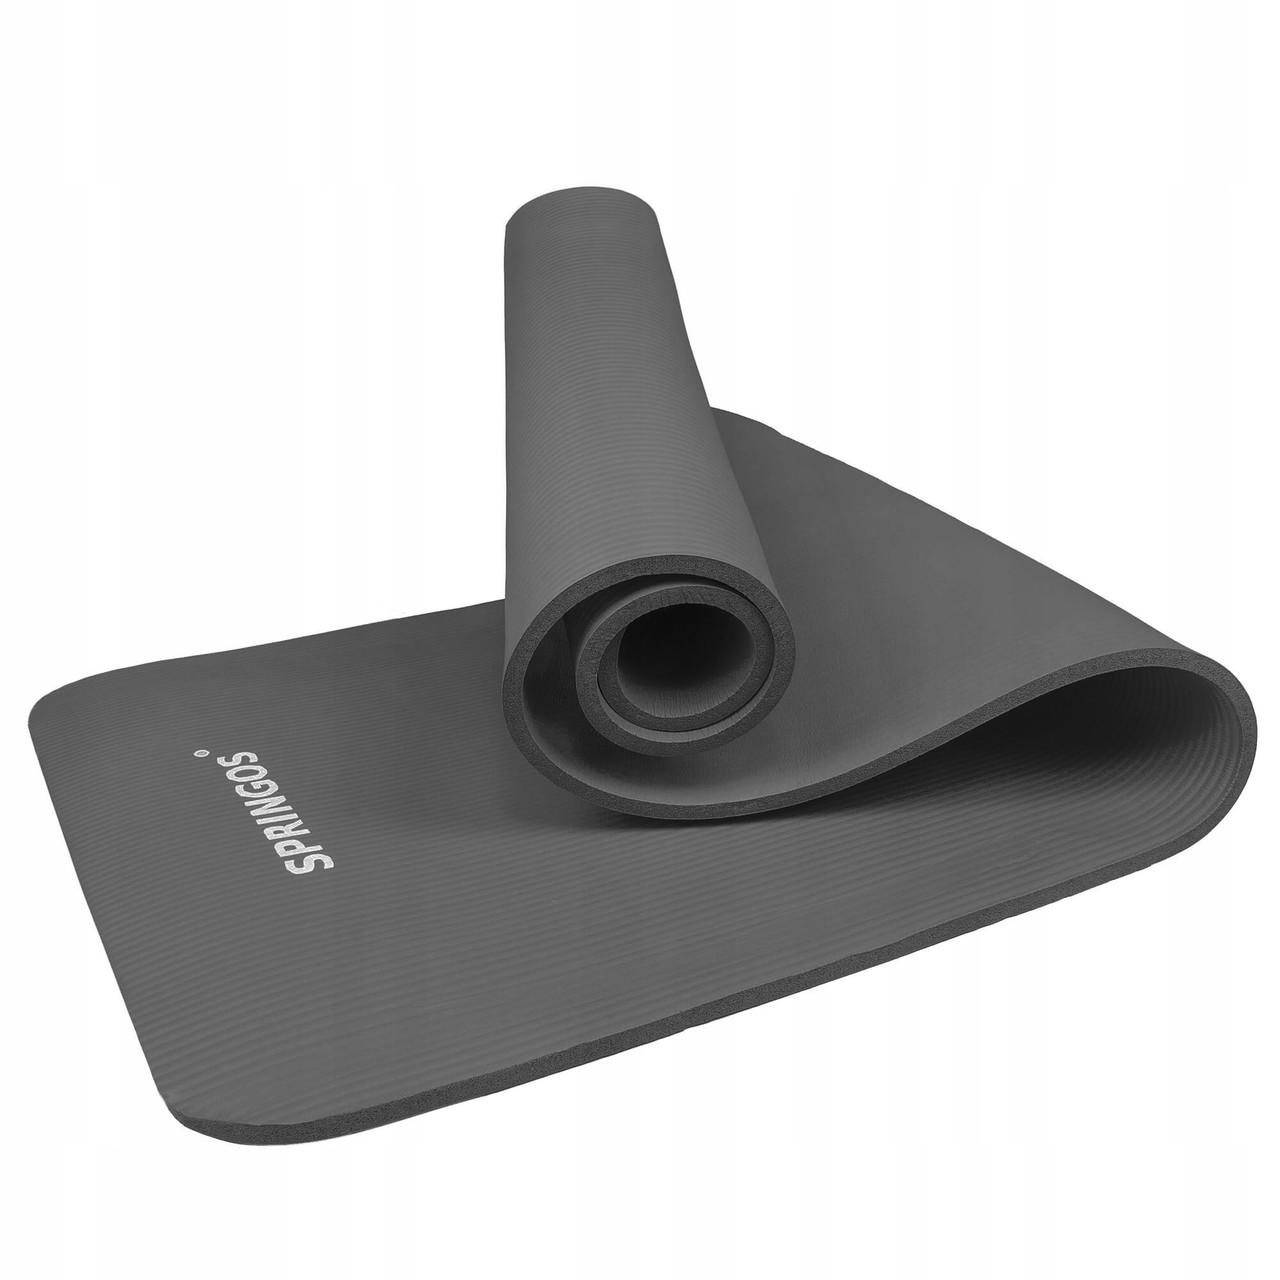 Коврик (мат) для йоги и фитнеса Springos NBR 1.5 см YG0001 Grey